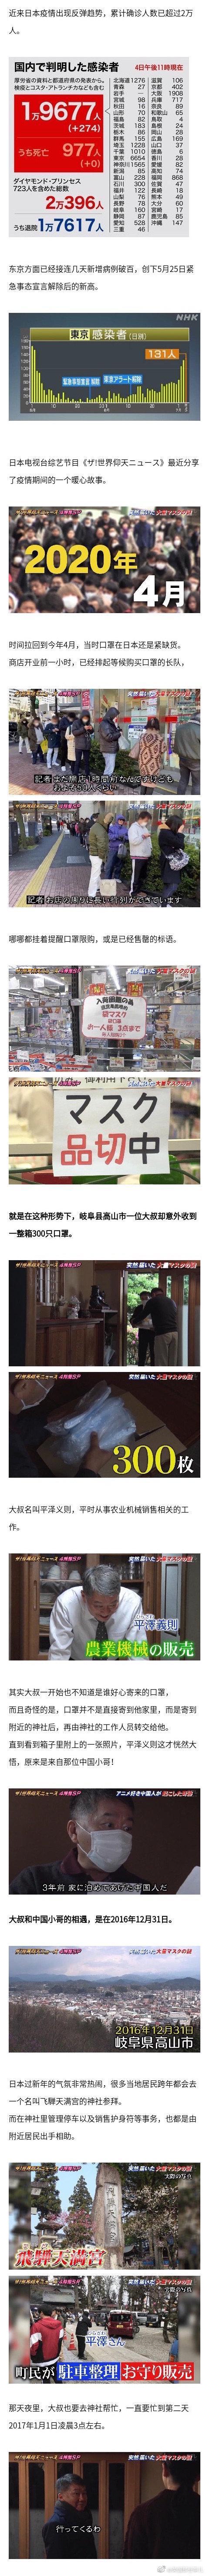 口罩紧缺时期,一位日本大叔却突然收到一整箱口罩……